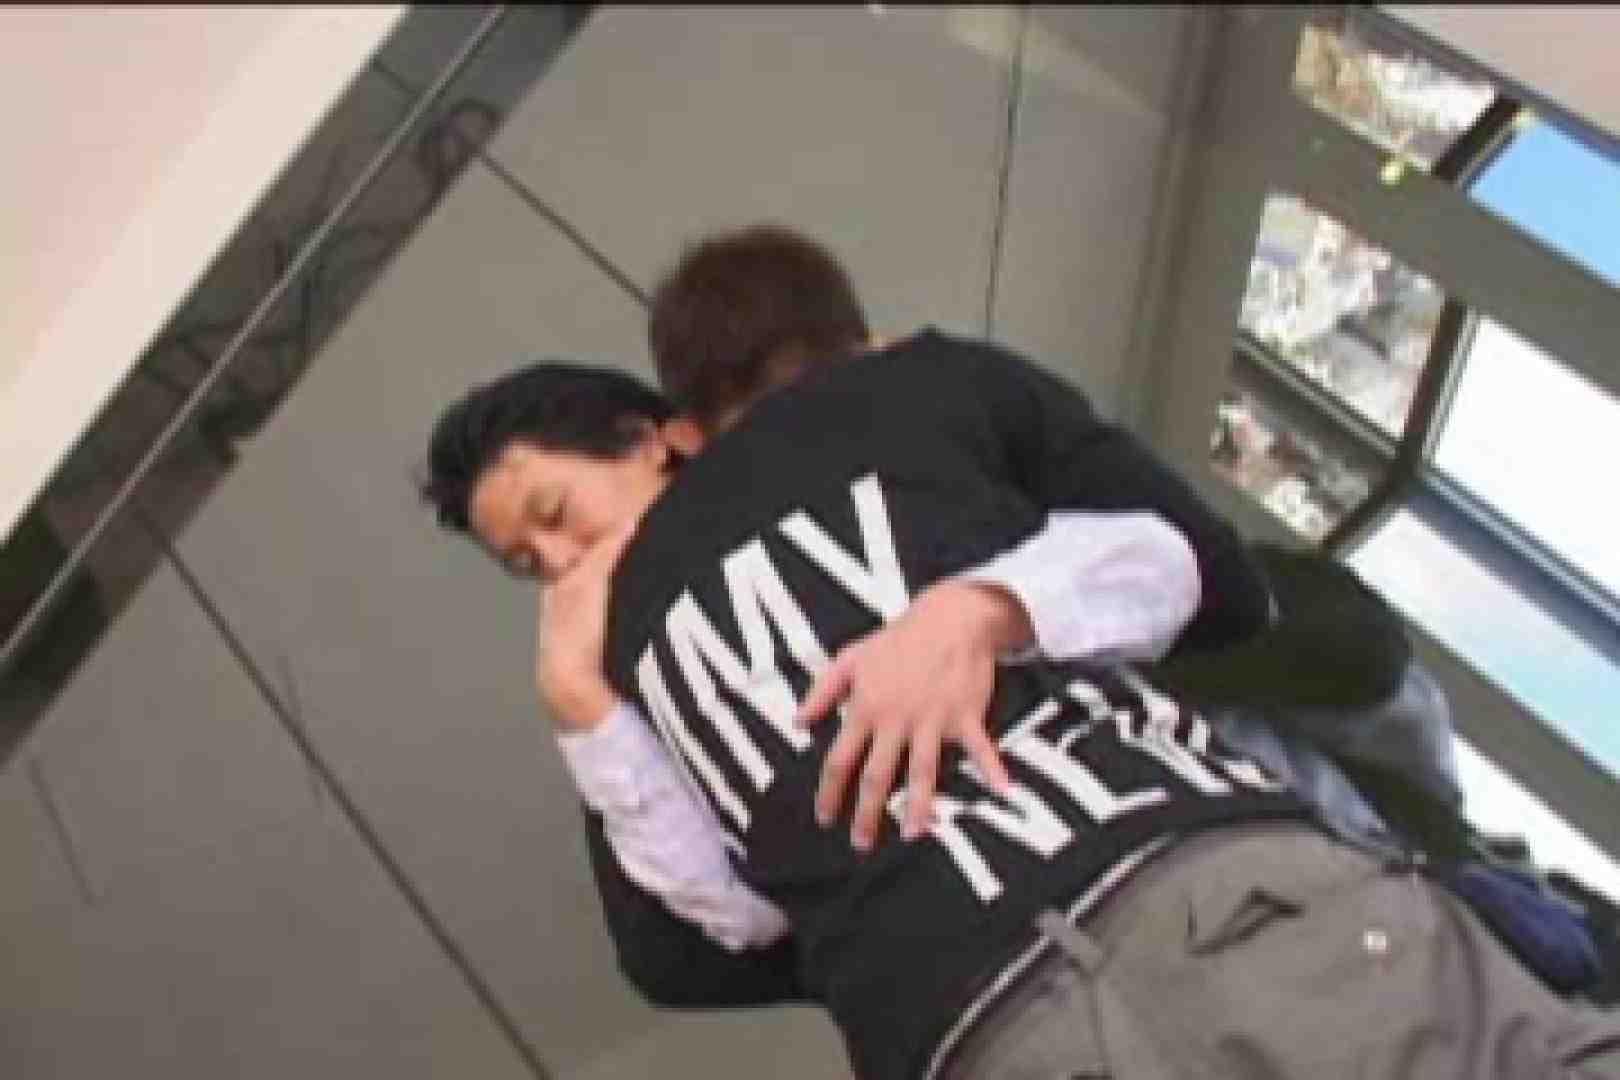 光り輝く男たちのロマンシングメモリー!!vol.02 アナル ゲイザーメン画像 93枚 1